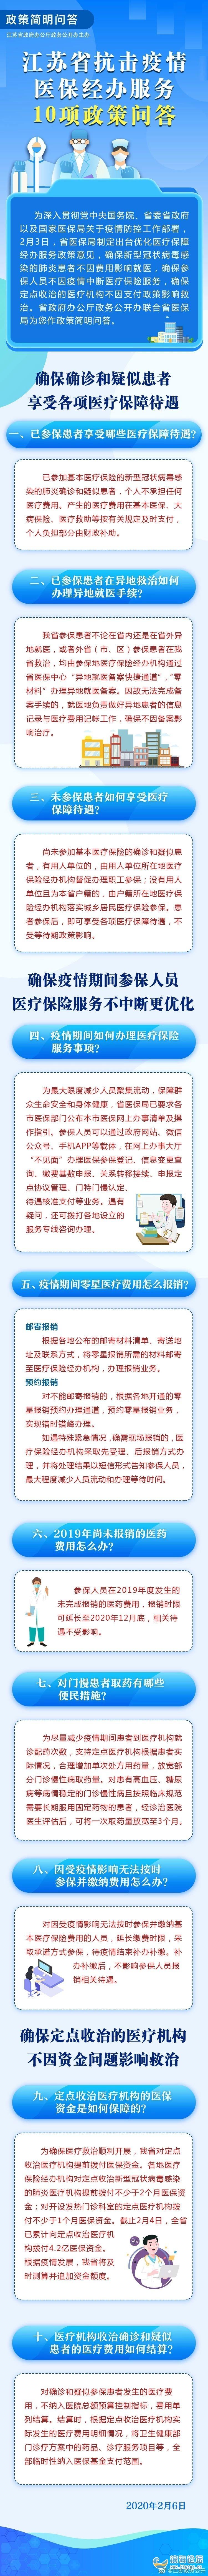 疫情期间医疗费用怎么报销?门慢患者该如何取药?江苏省医保局权威解答